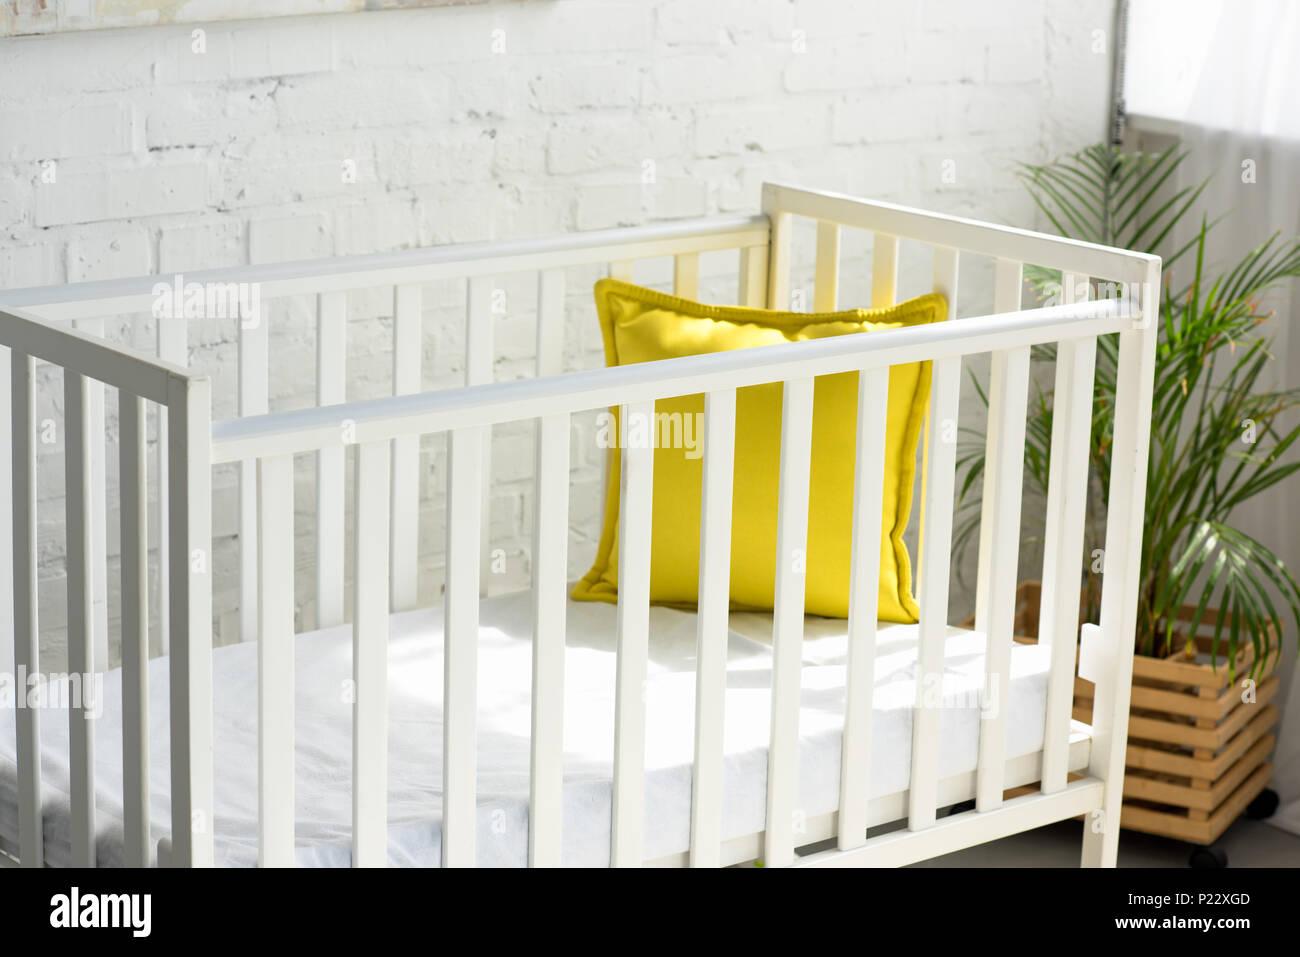 Empty Crib Stock Photos & Empty Crib Stock Images - Alamy